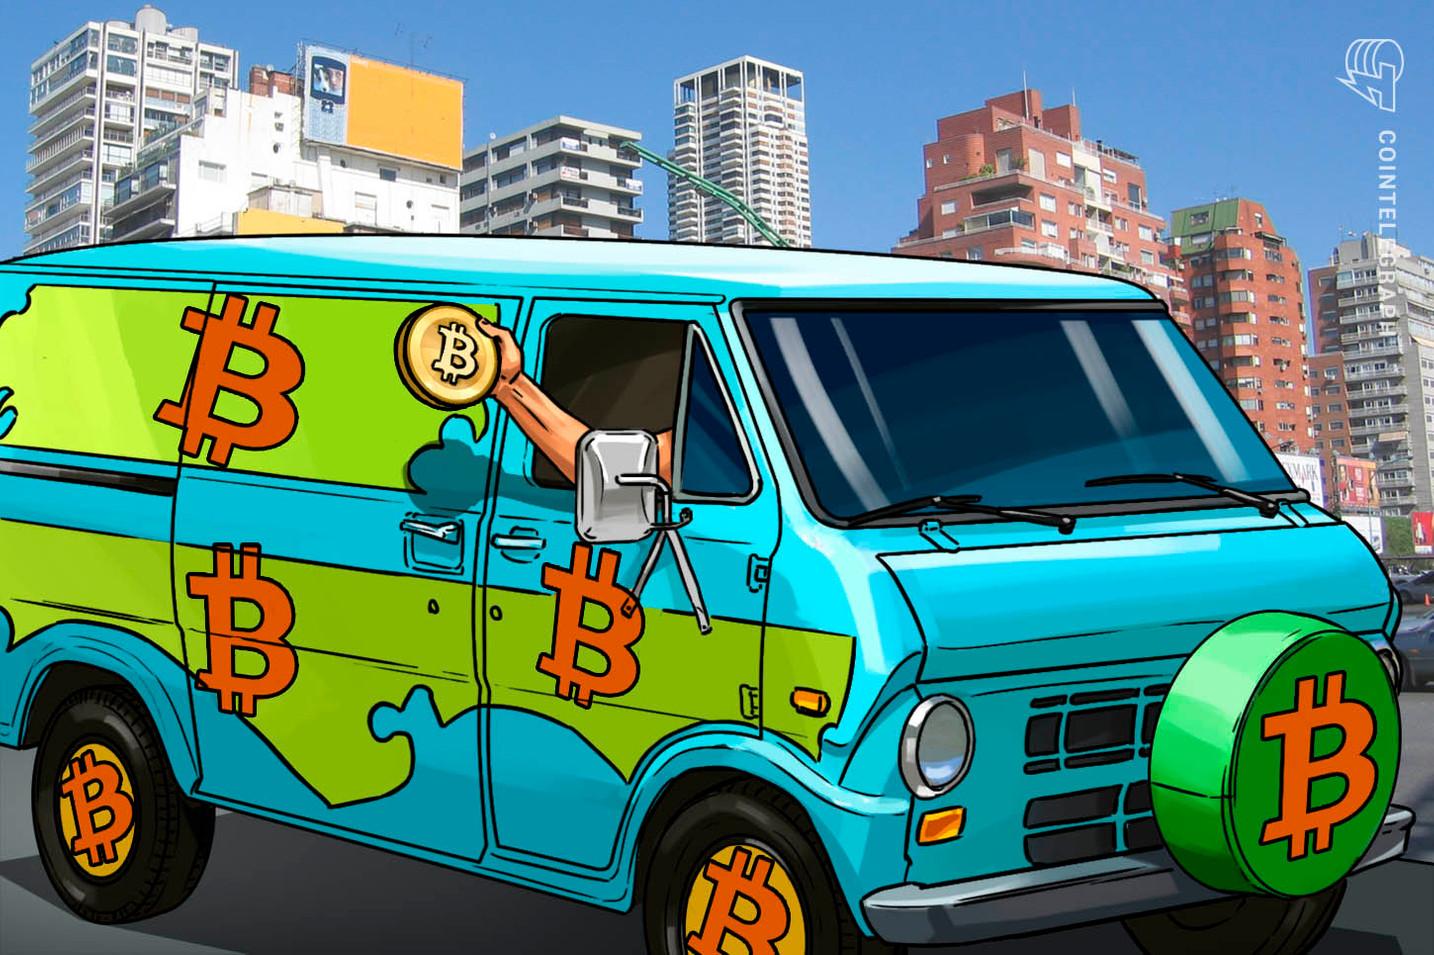 """""""Bitcoin-Batmobil"""": Argentinische NGOs auf Krypto-Aufklärungs-Tour im Minivan"""